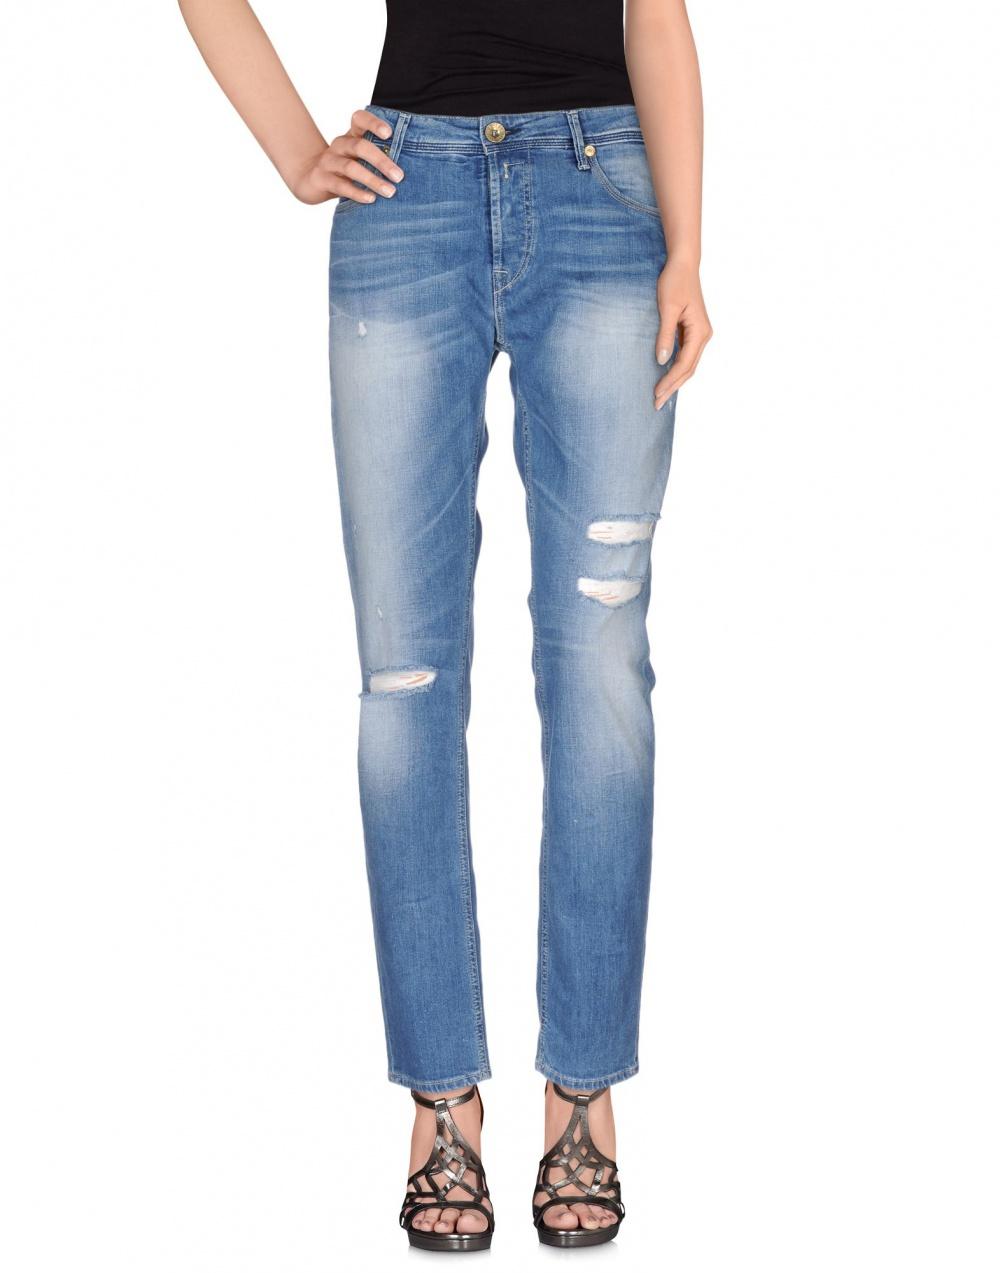 Новые джинсы бойфренд Replay 29й размер идут на 30й